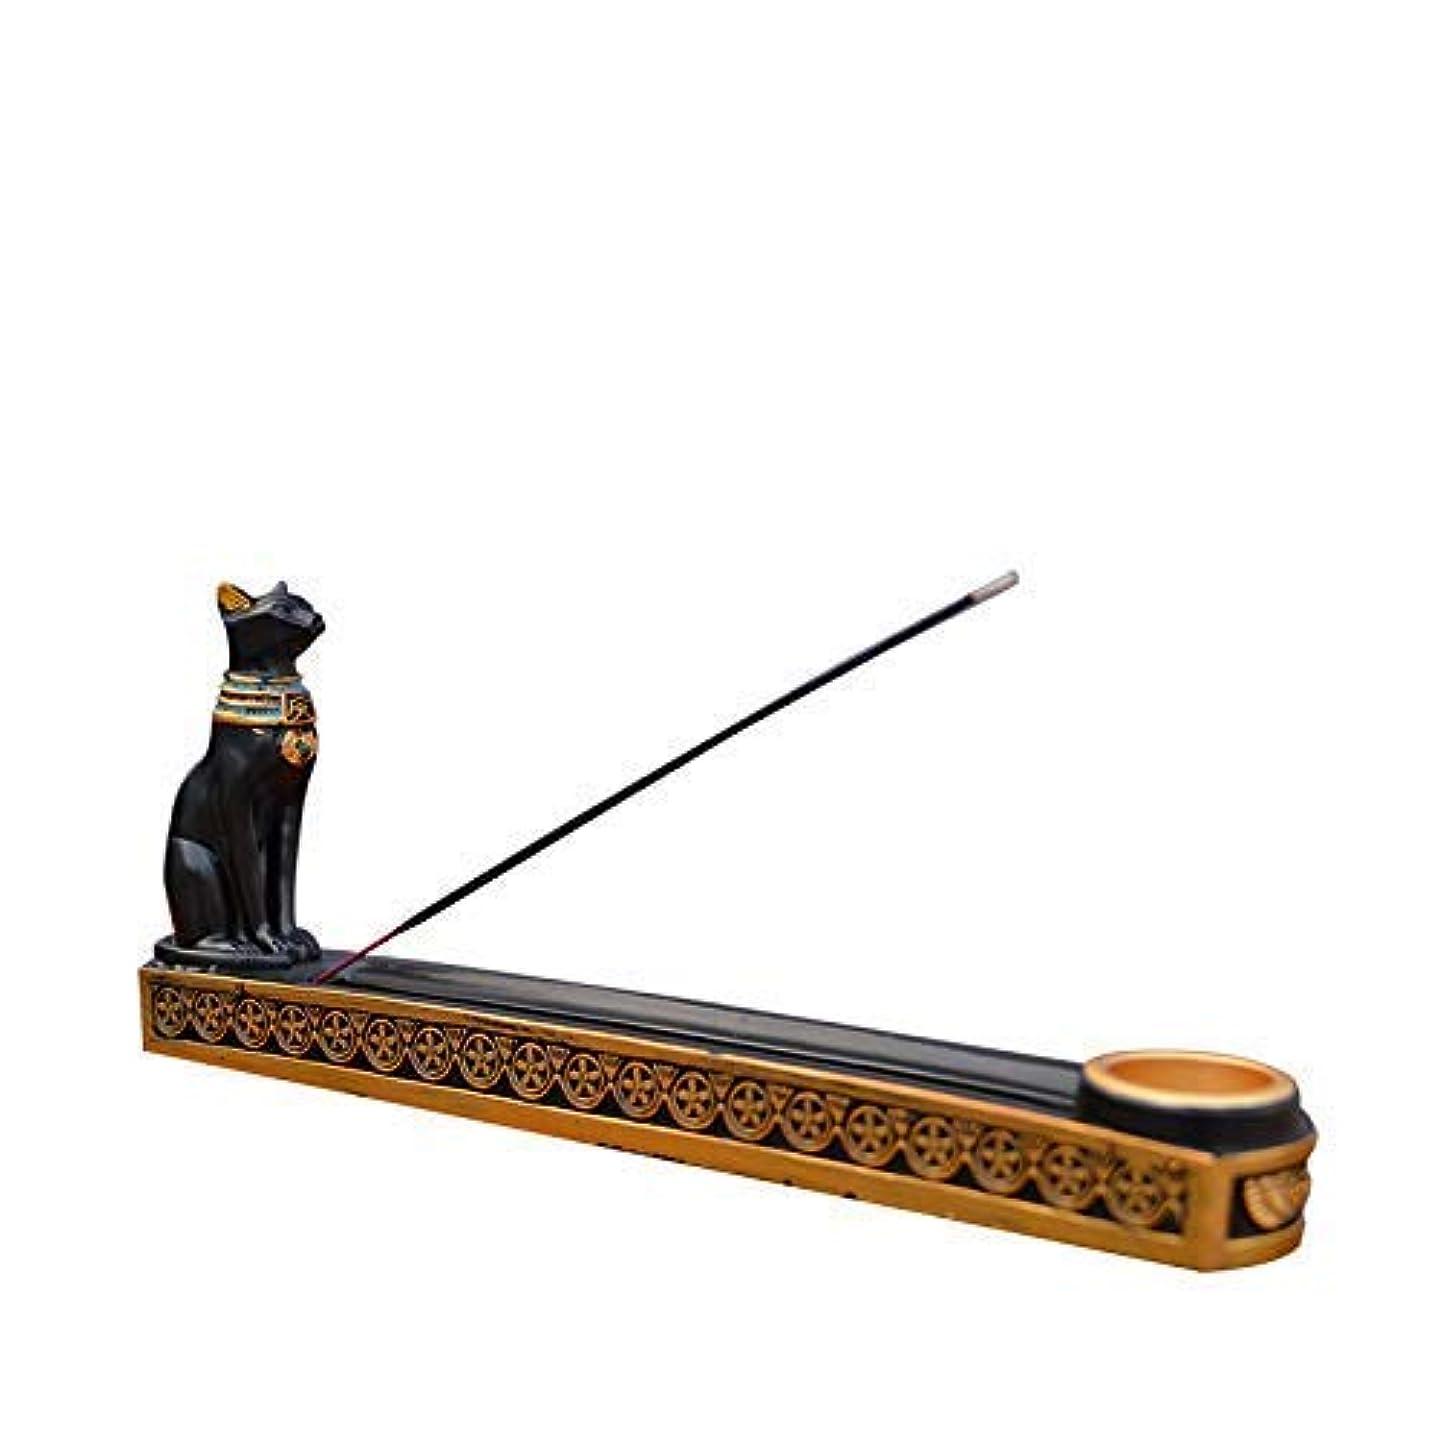 粘性の既婚集めるtonntyann 横置き お香立て ボックス 猫 寝かせ スティックおしゃれ 線香立て お香 古代エジプト風 バステト神 アロマ お香 横置き ヒエログリフ ネ